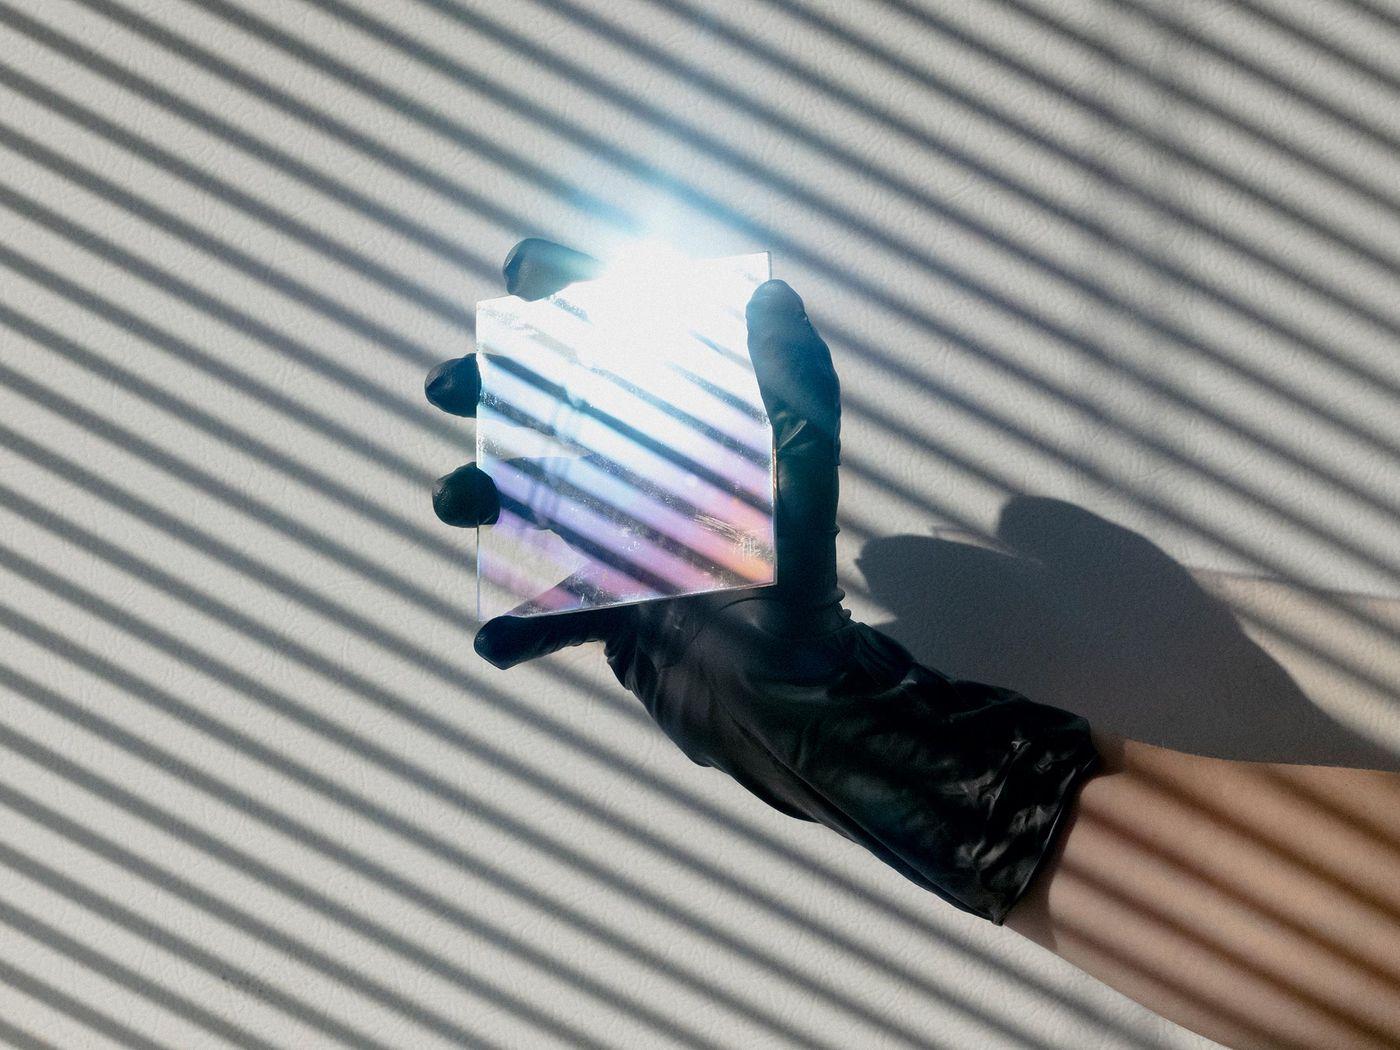 Huawei lại bị cáo buộc đánh cắp công nghệ của công ty Mỹ